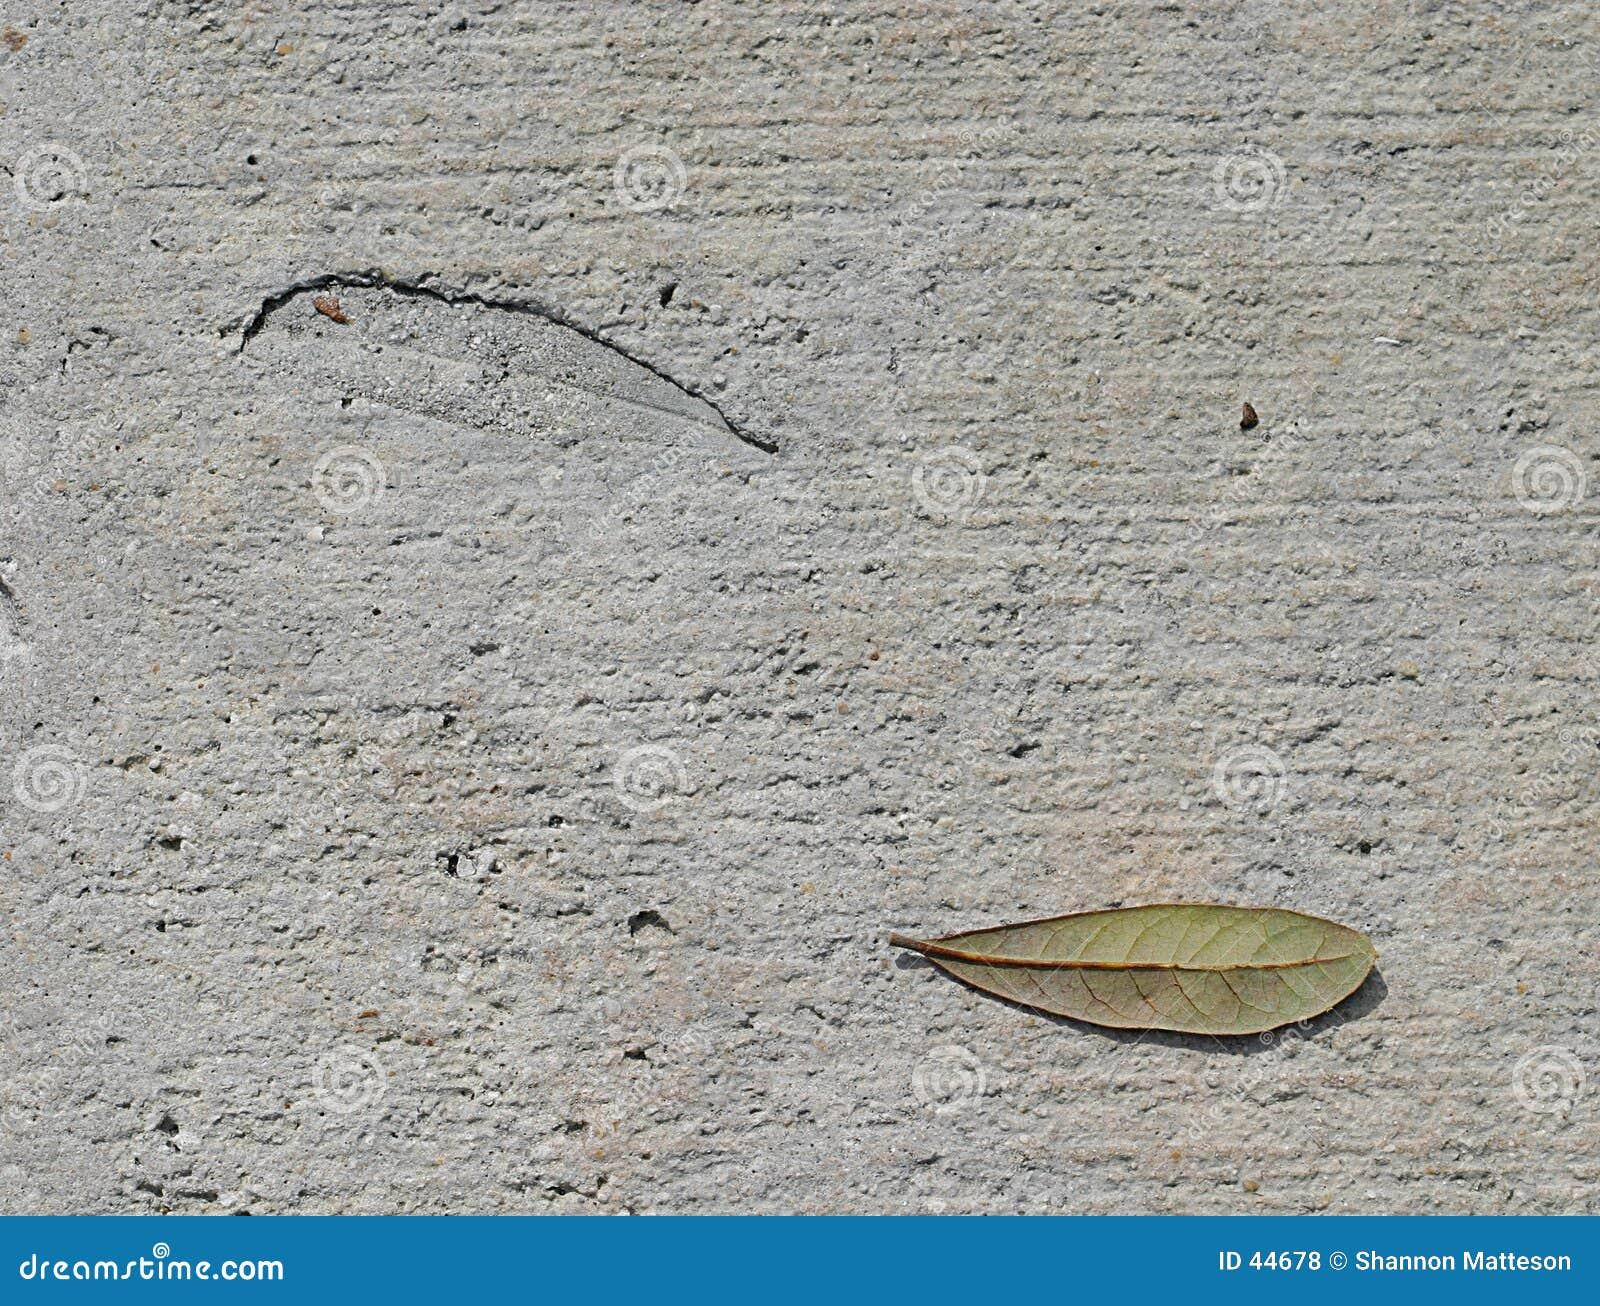 Leaf and Imprint